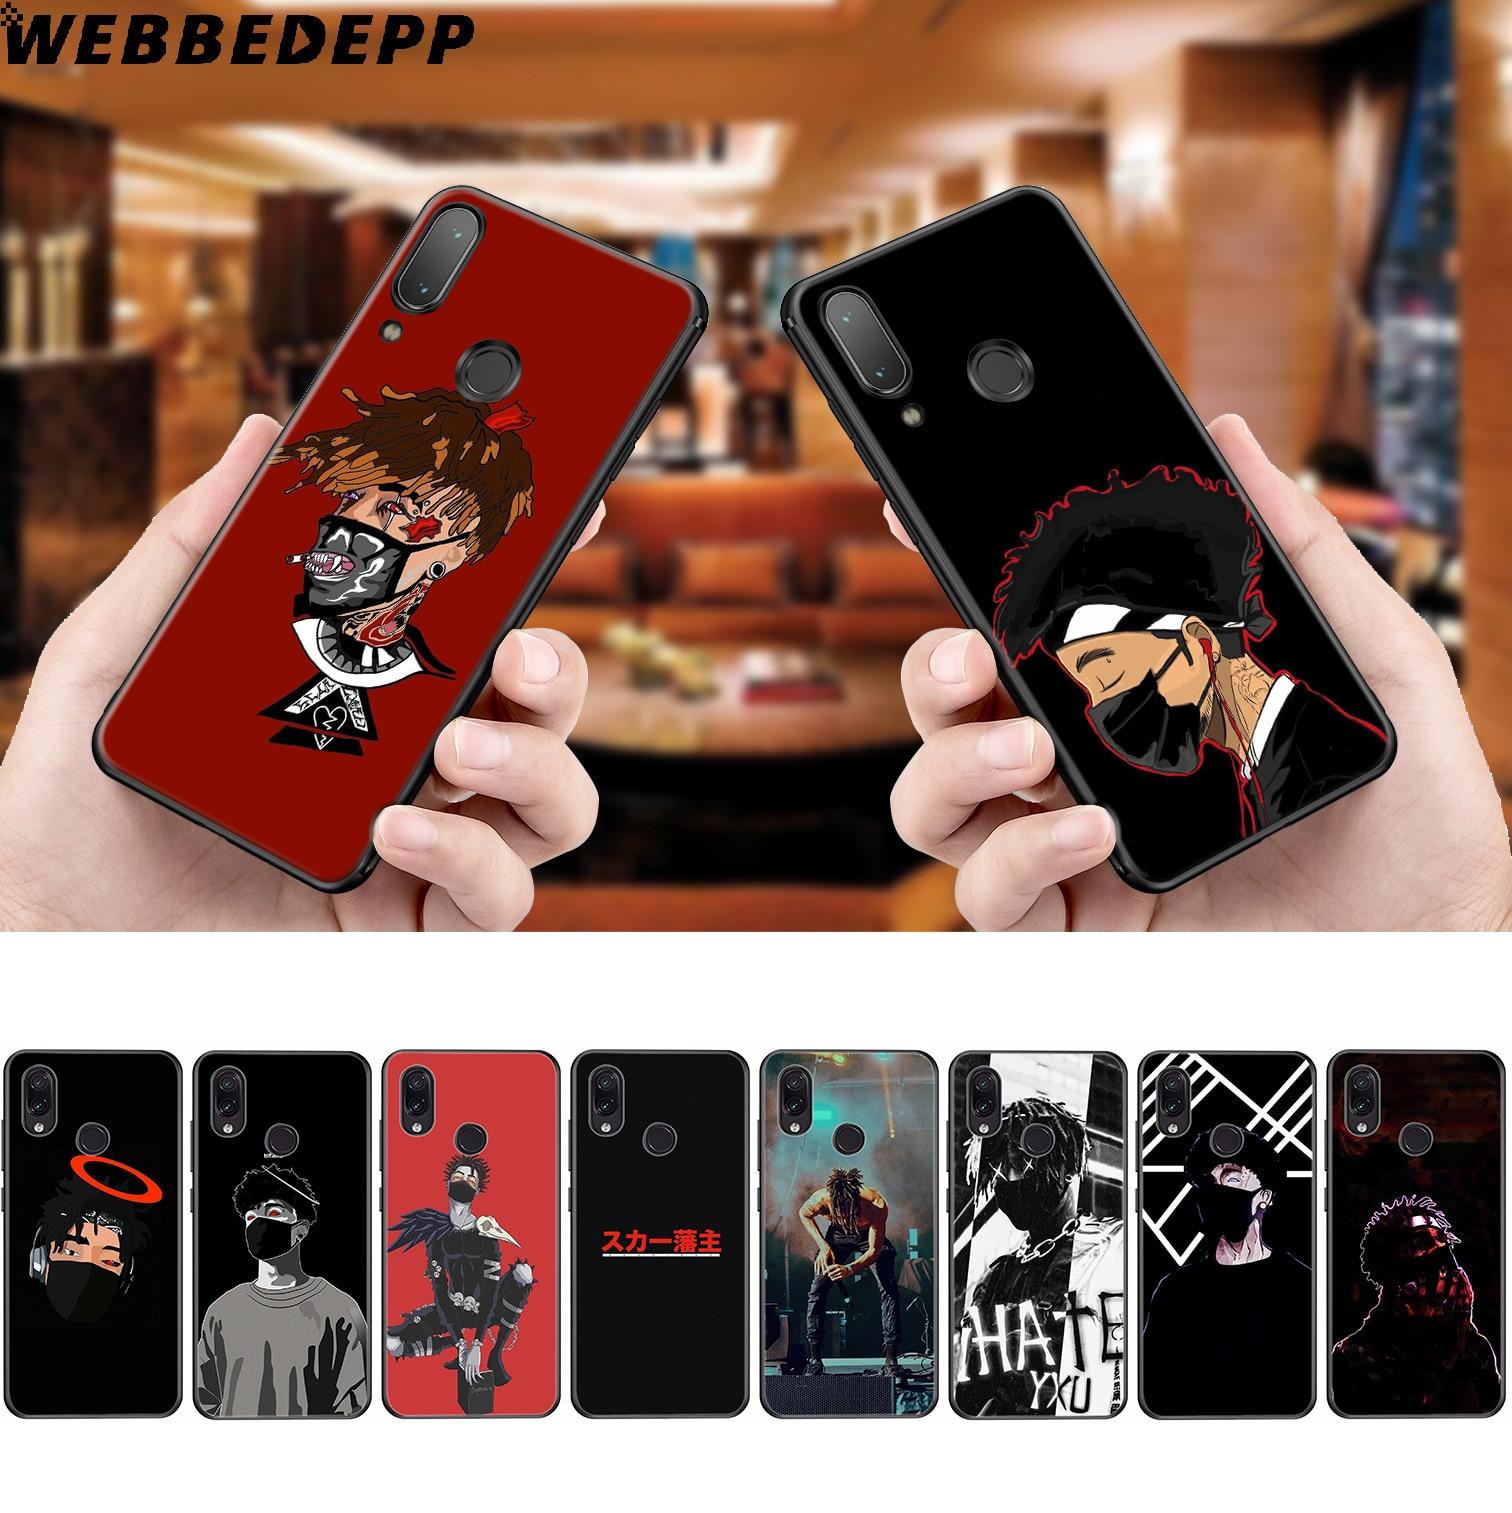 WEBBEDEPP Scarlxrd Rappeur Étui Souple pour Xiaomi Redmi K20 7A 4A 4X 5 5A 6 6A S2 Note 8 4 4X 5 6 5A 7 Pro Plus Premier